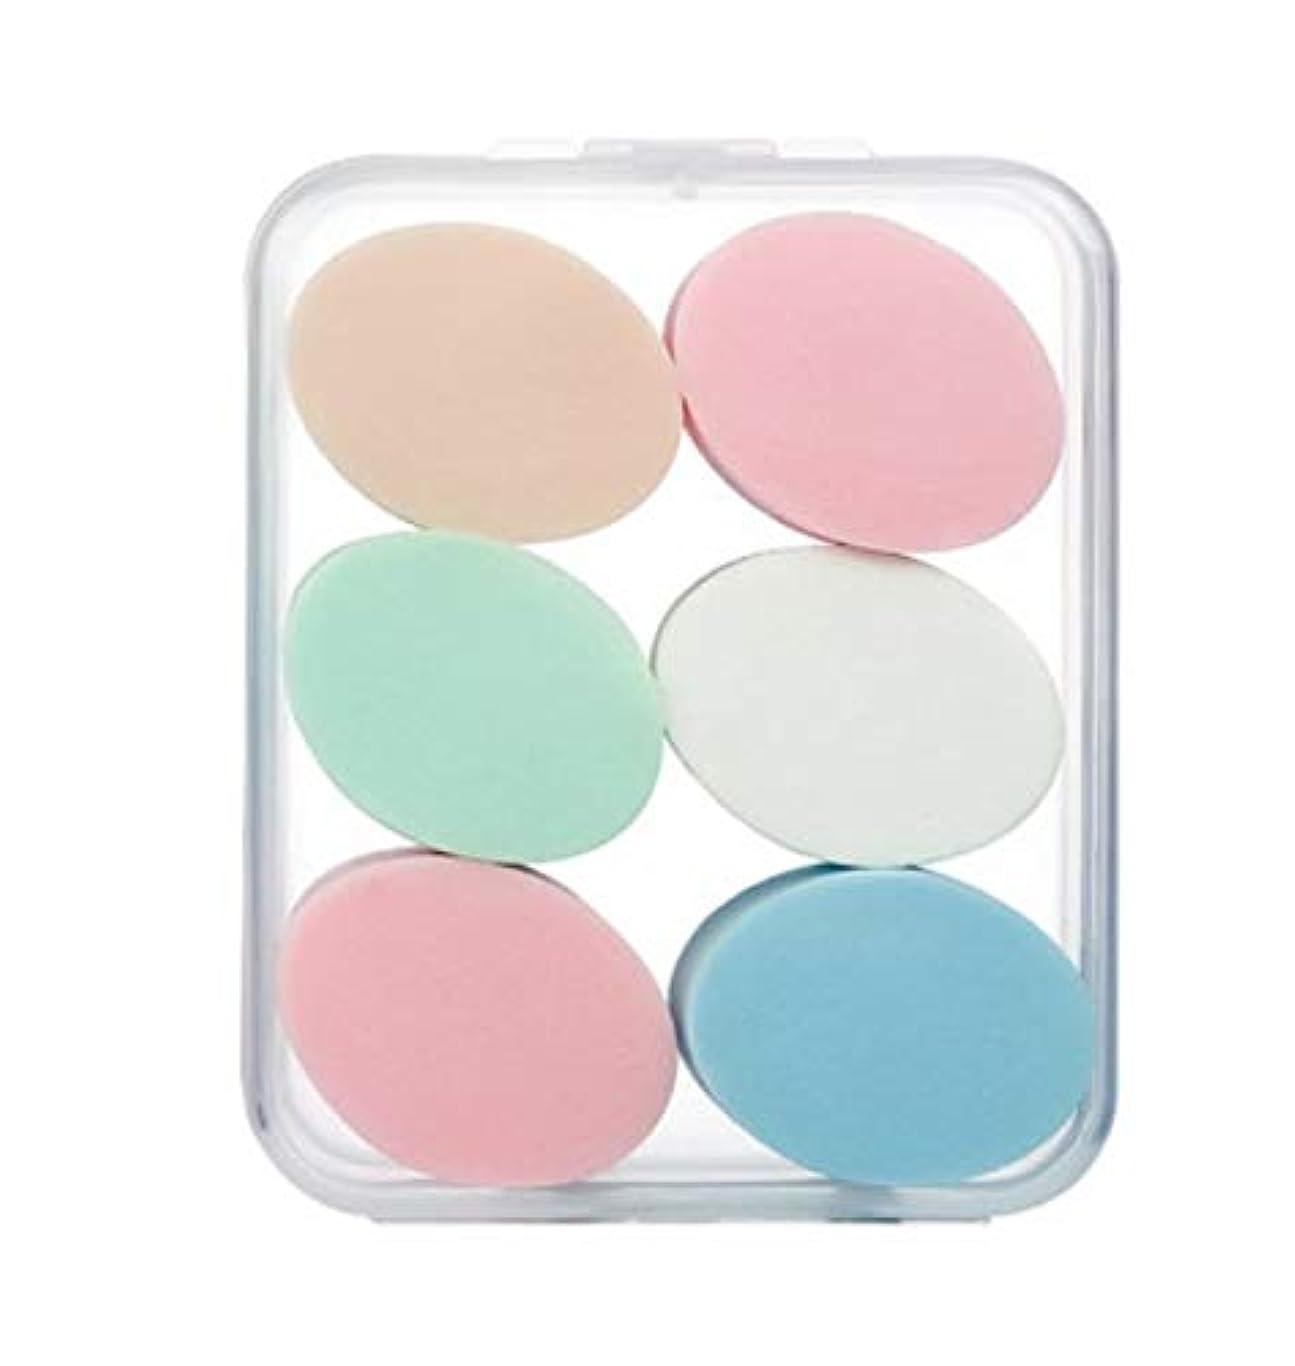 備品変成器報奨金美容スポンジ、収納ボックス付きソフト楕円化粧スポンジ美容メイク卵6パック